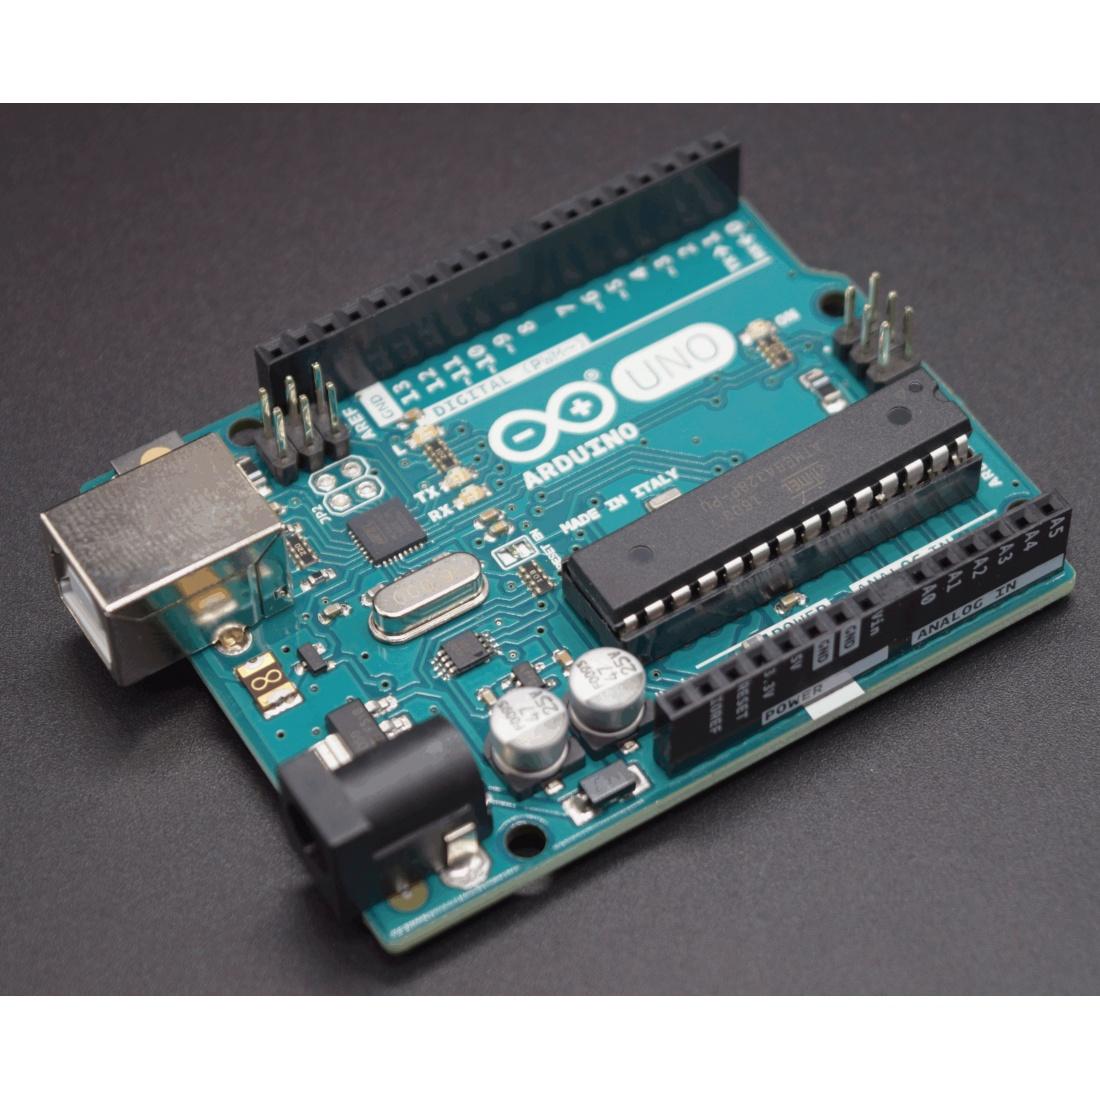 Arduino starter kit for basic intermediate advance level